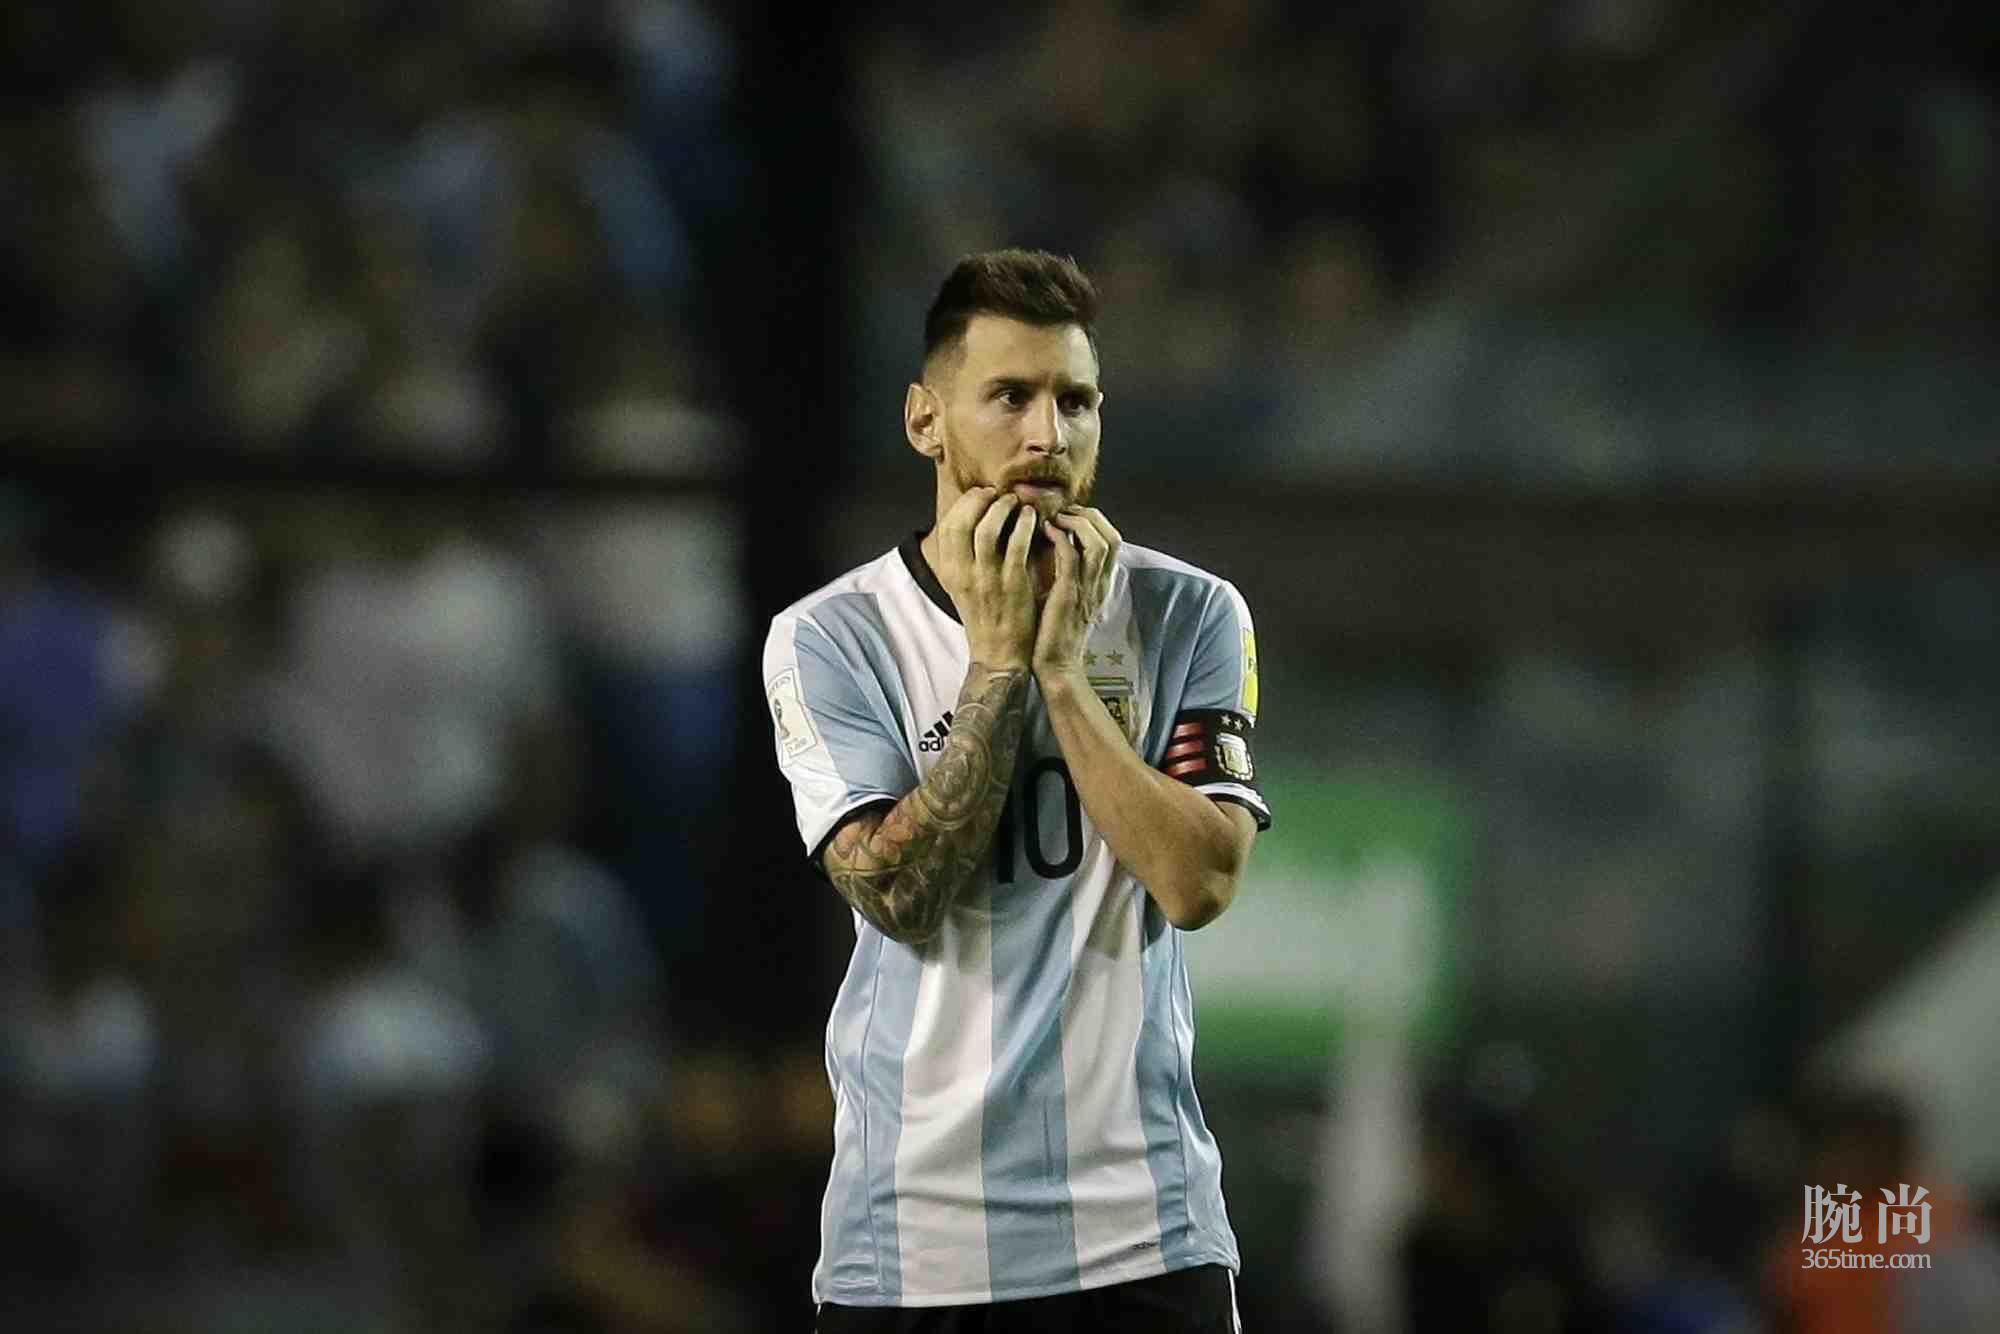 1512401592-Messi-AP.jpg